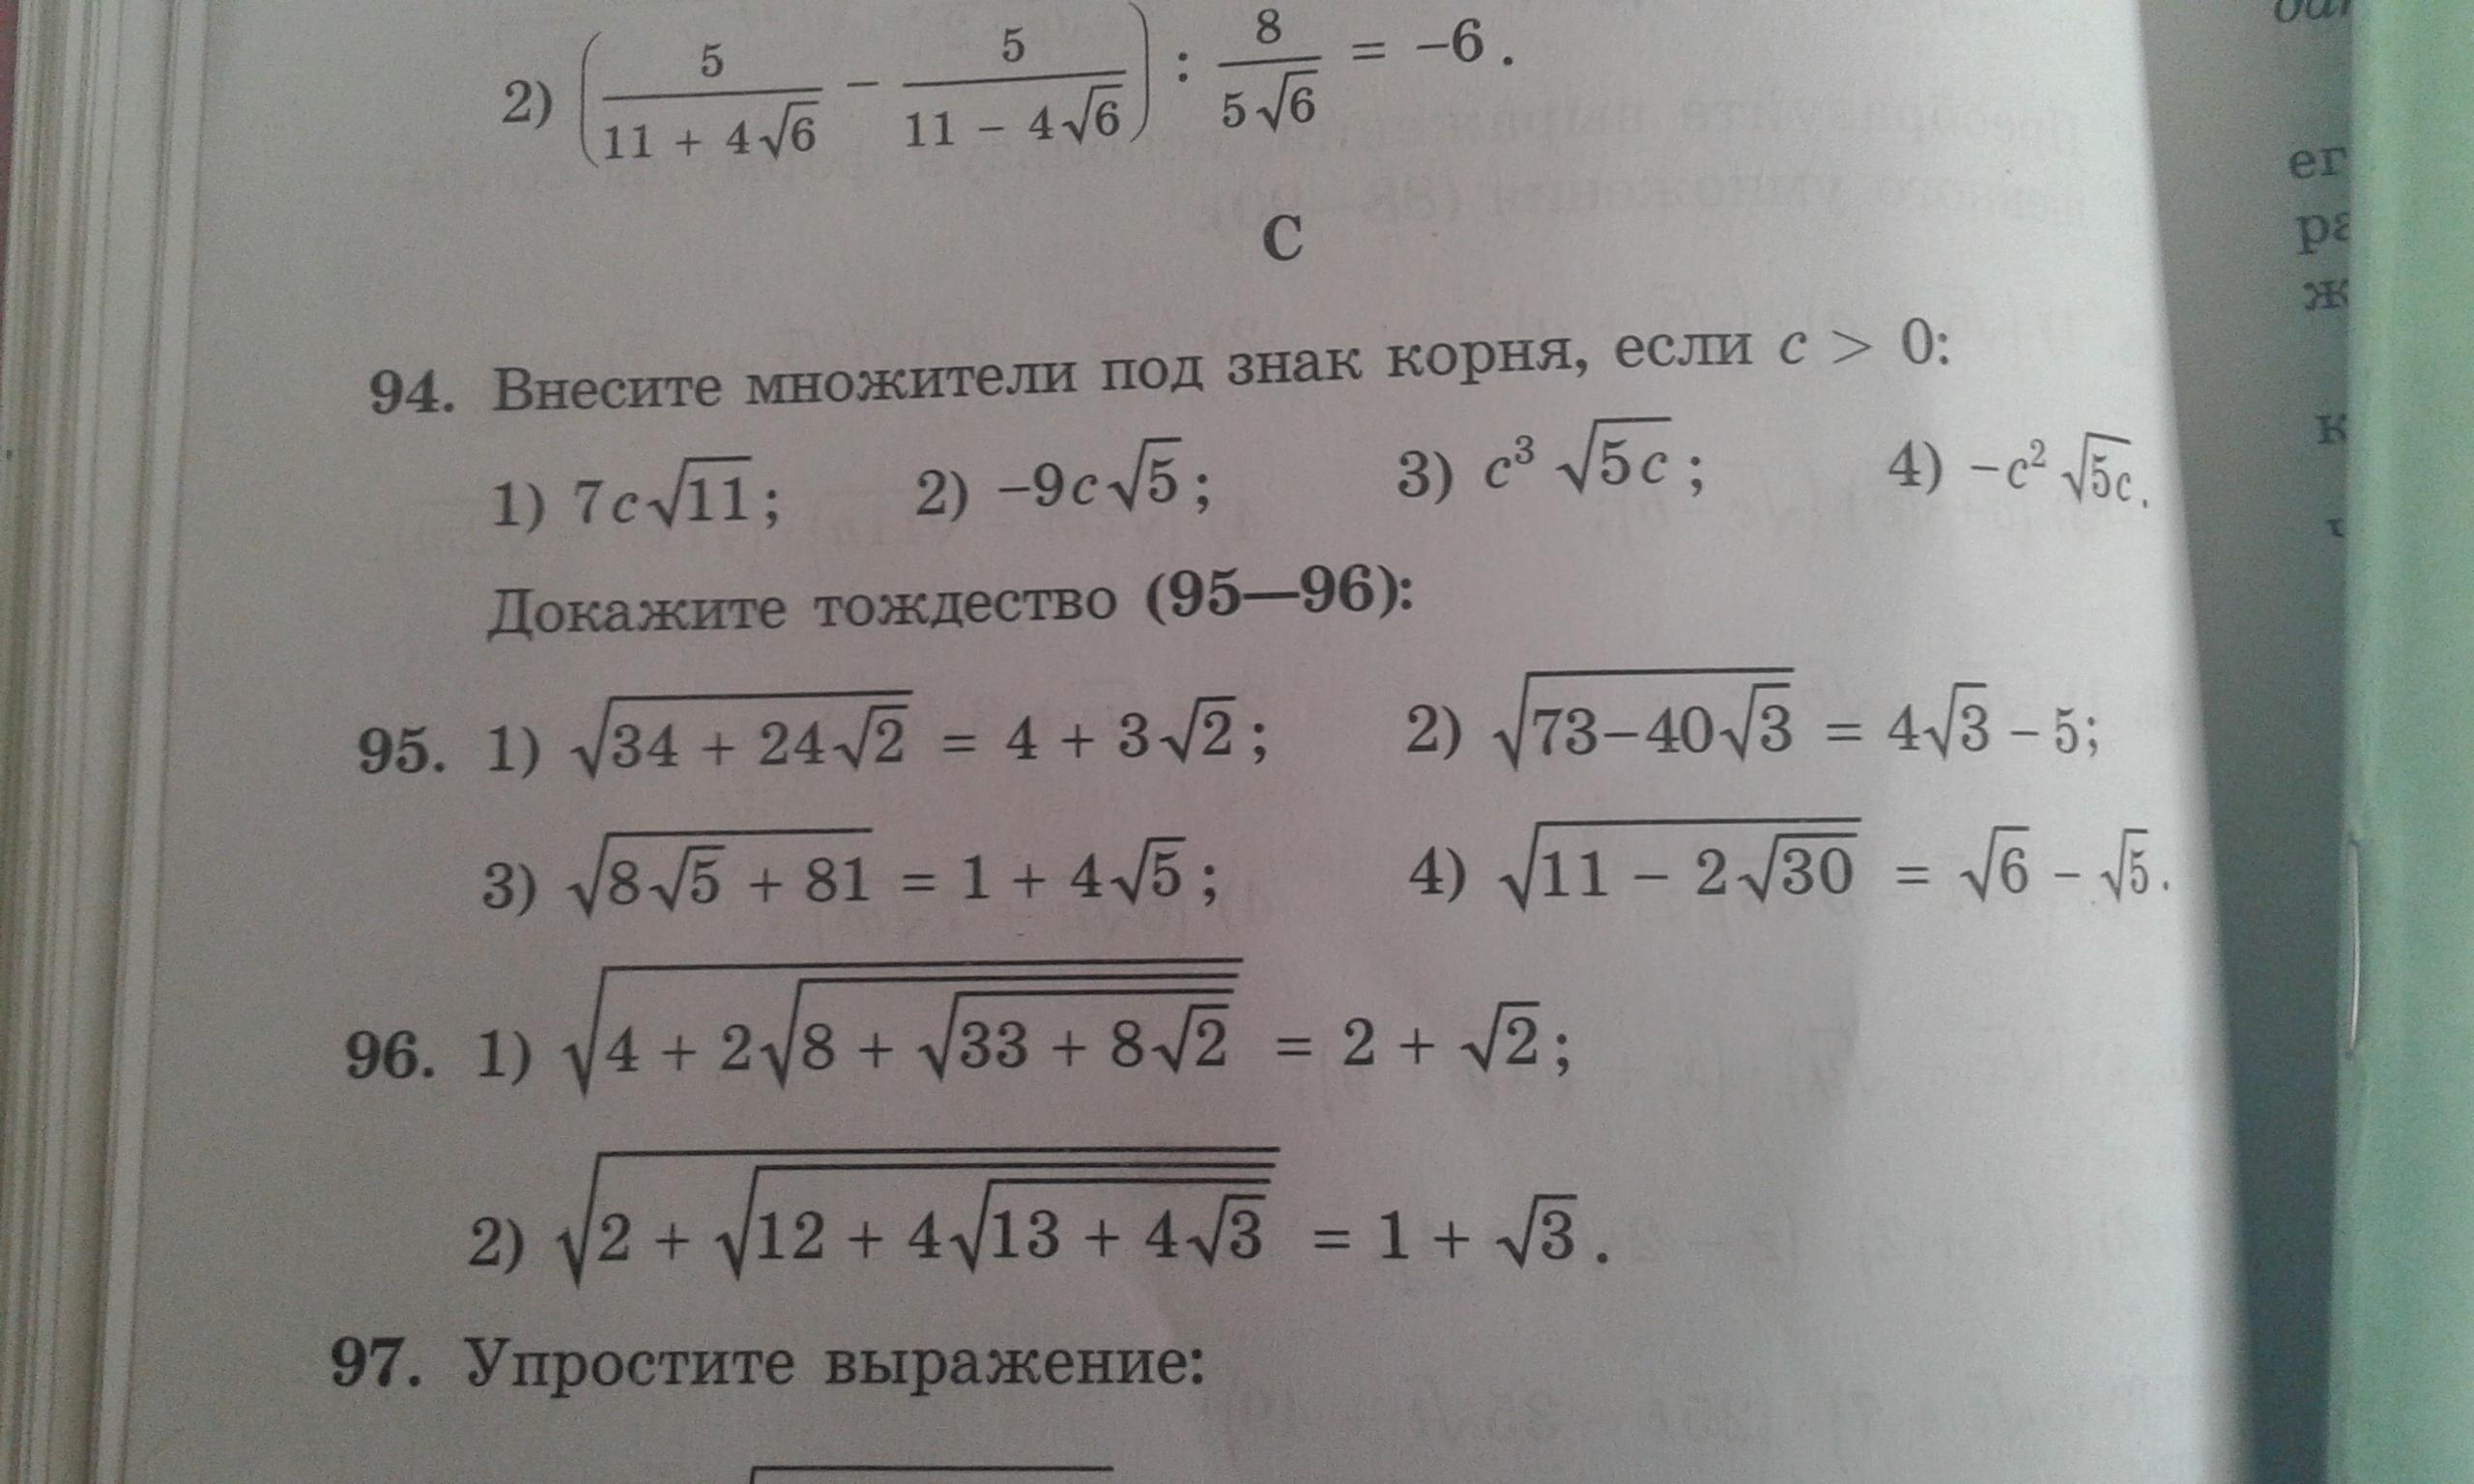 Номер 95, 96 помогите пожалуйста кто нибудь пожалуйста помогите пожалуйста мне?